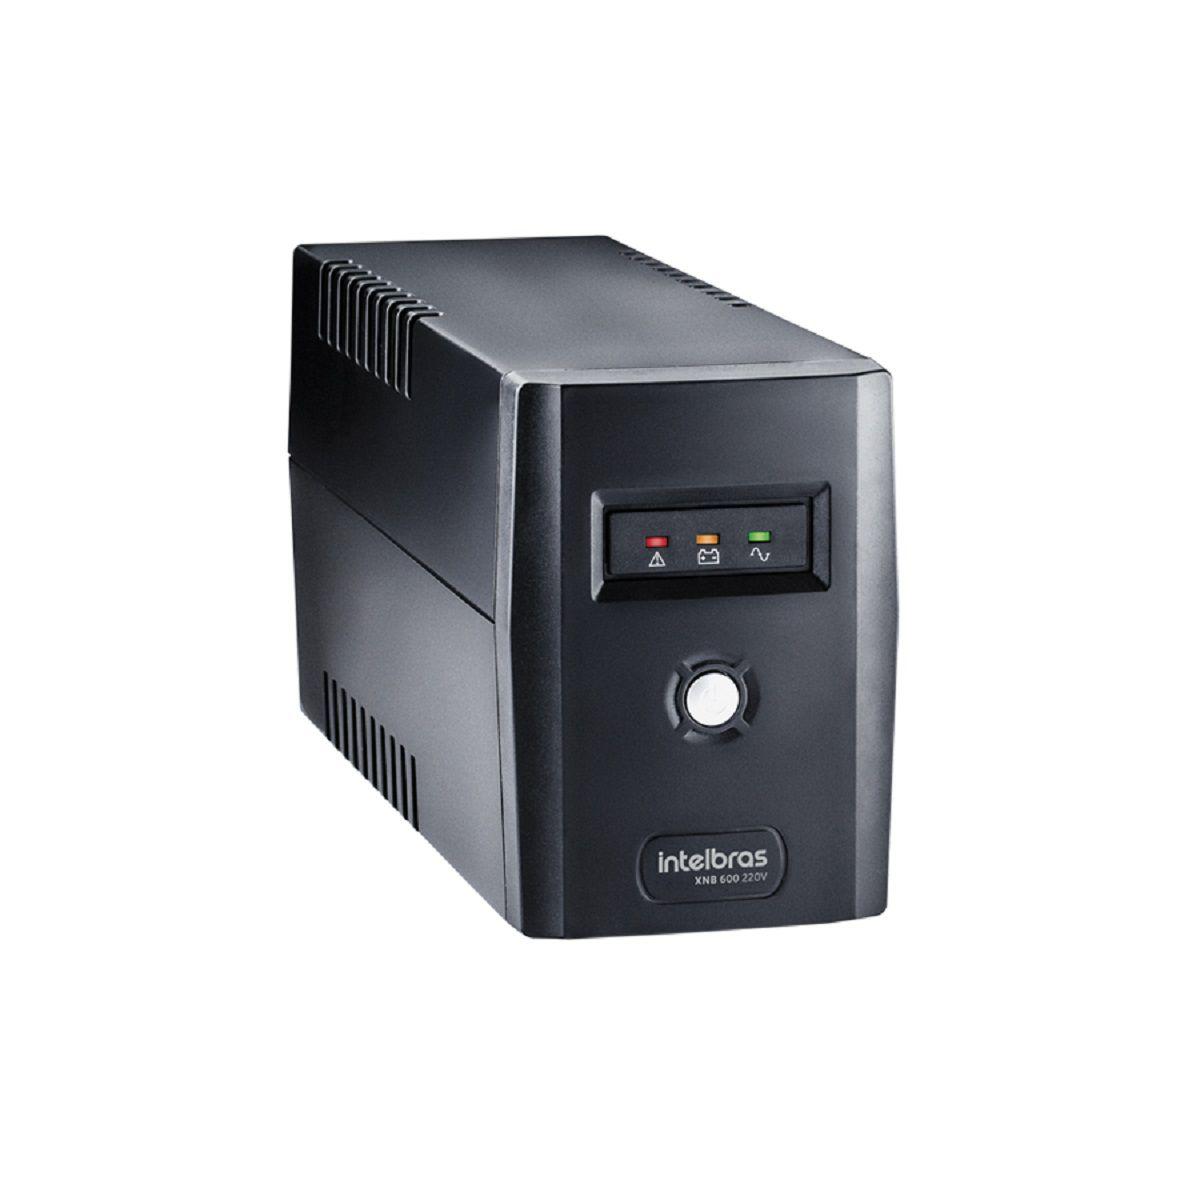 Nobreak Intelbras XNB 600 VA Entrada e Saída 220V